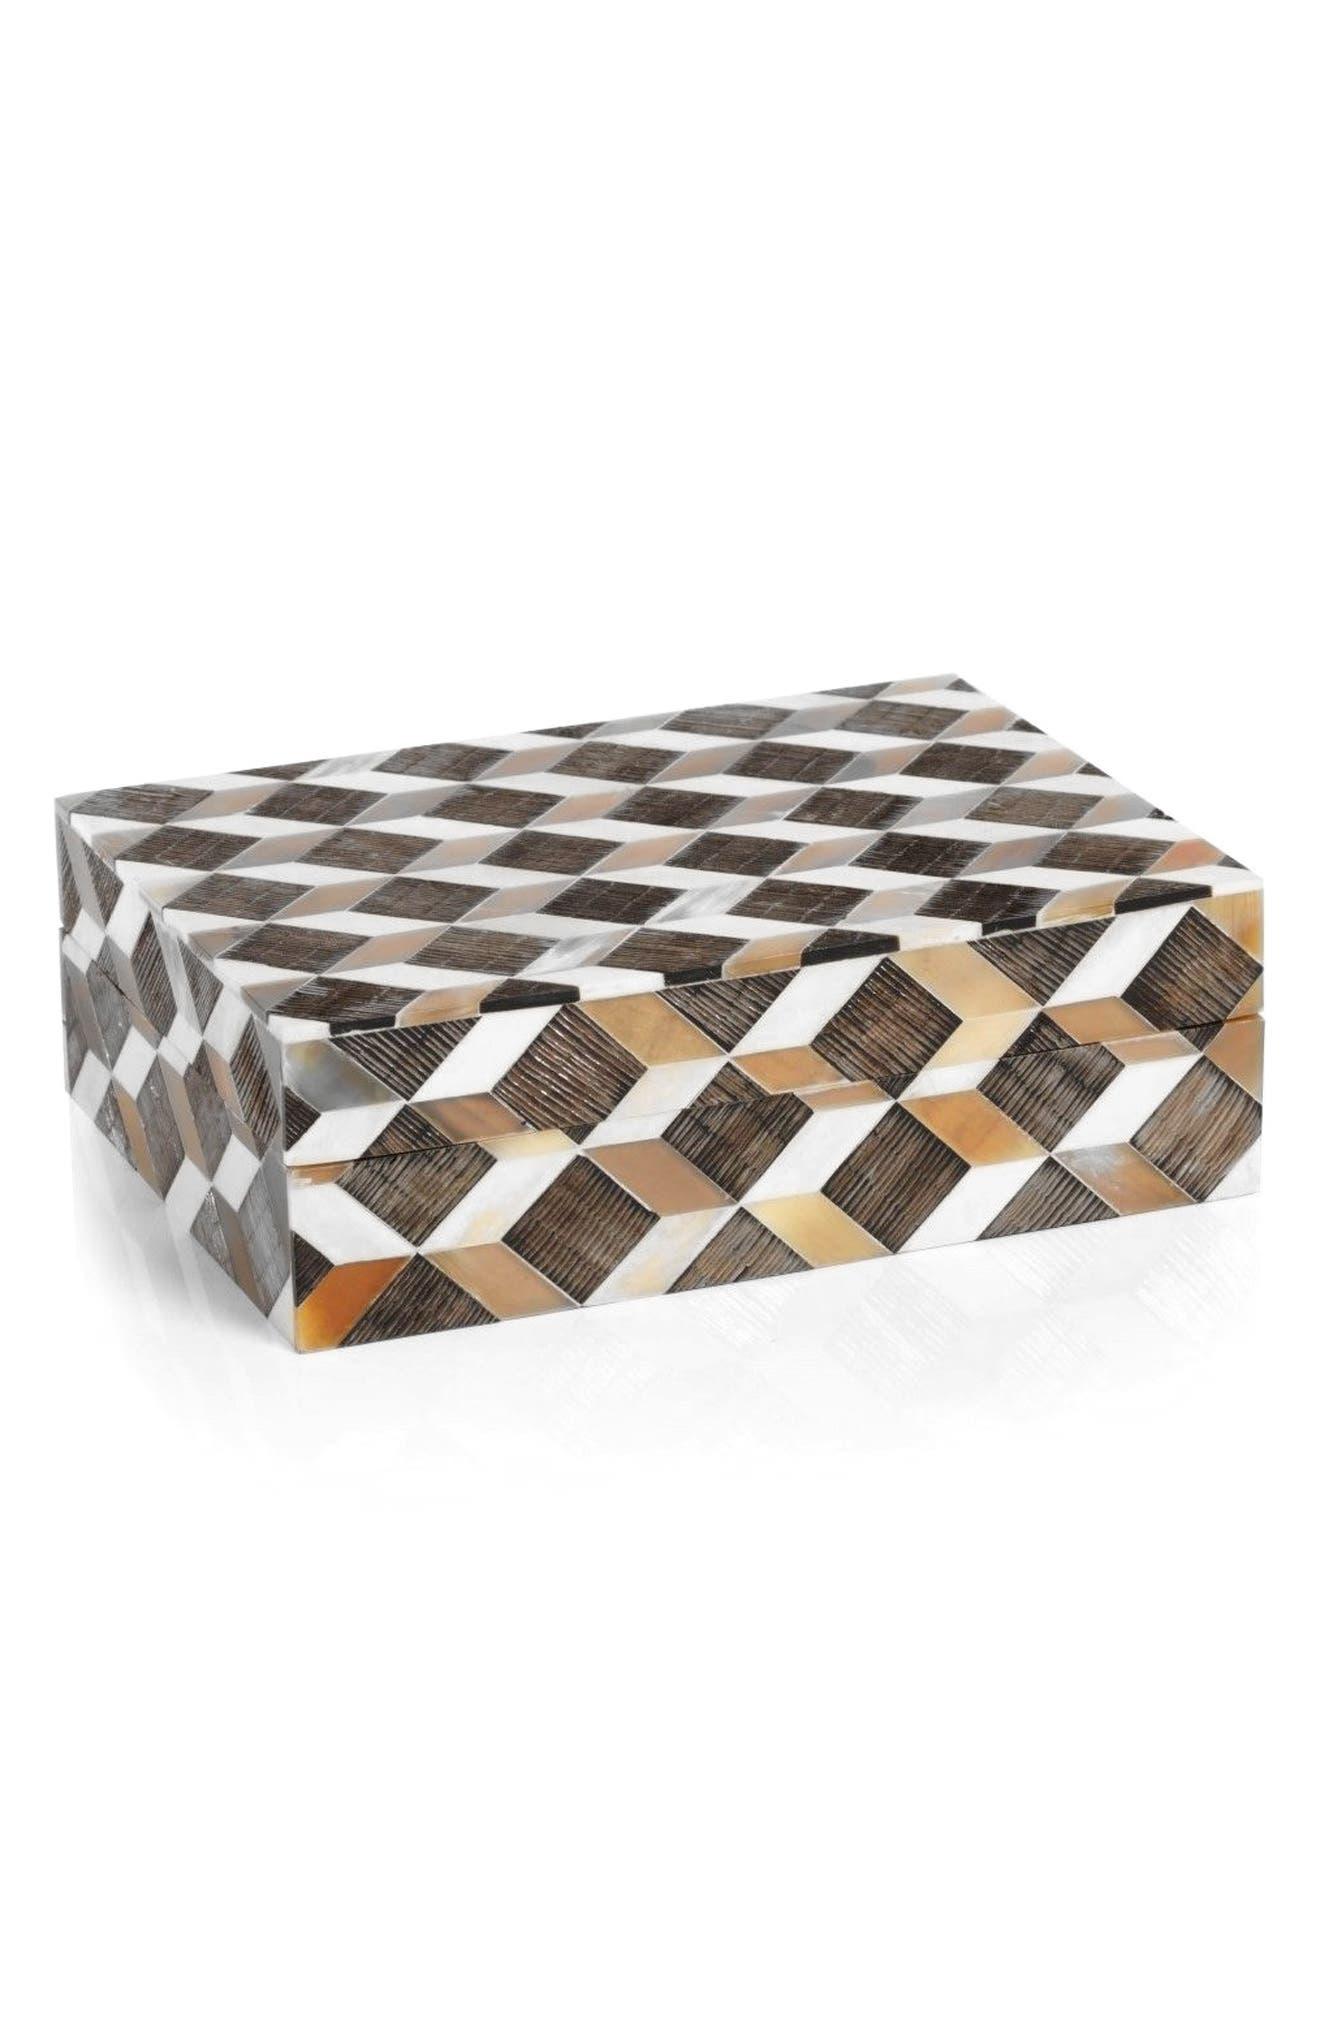 Zodax Echo Bone Jewlery Box